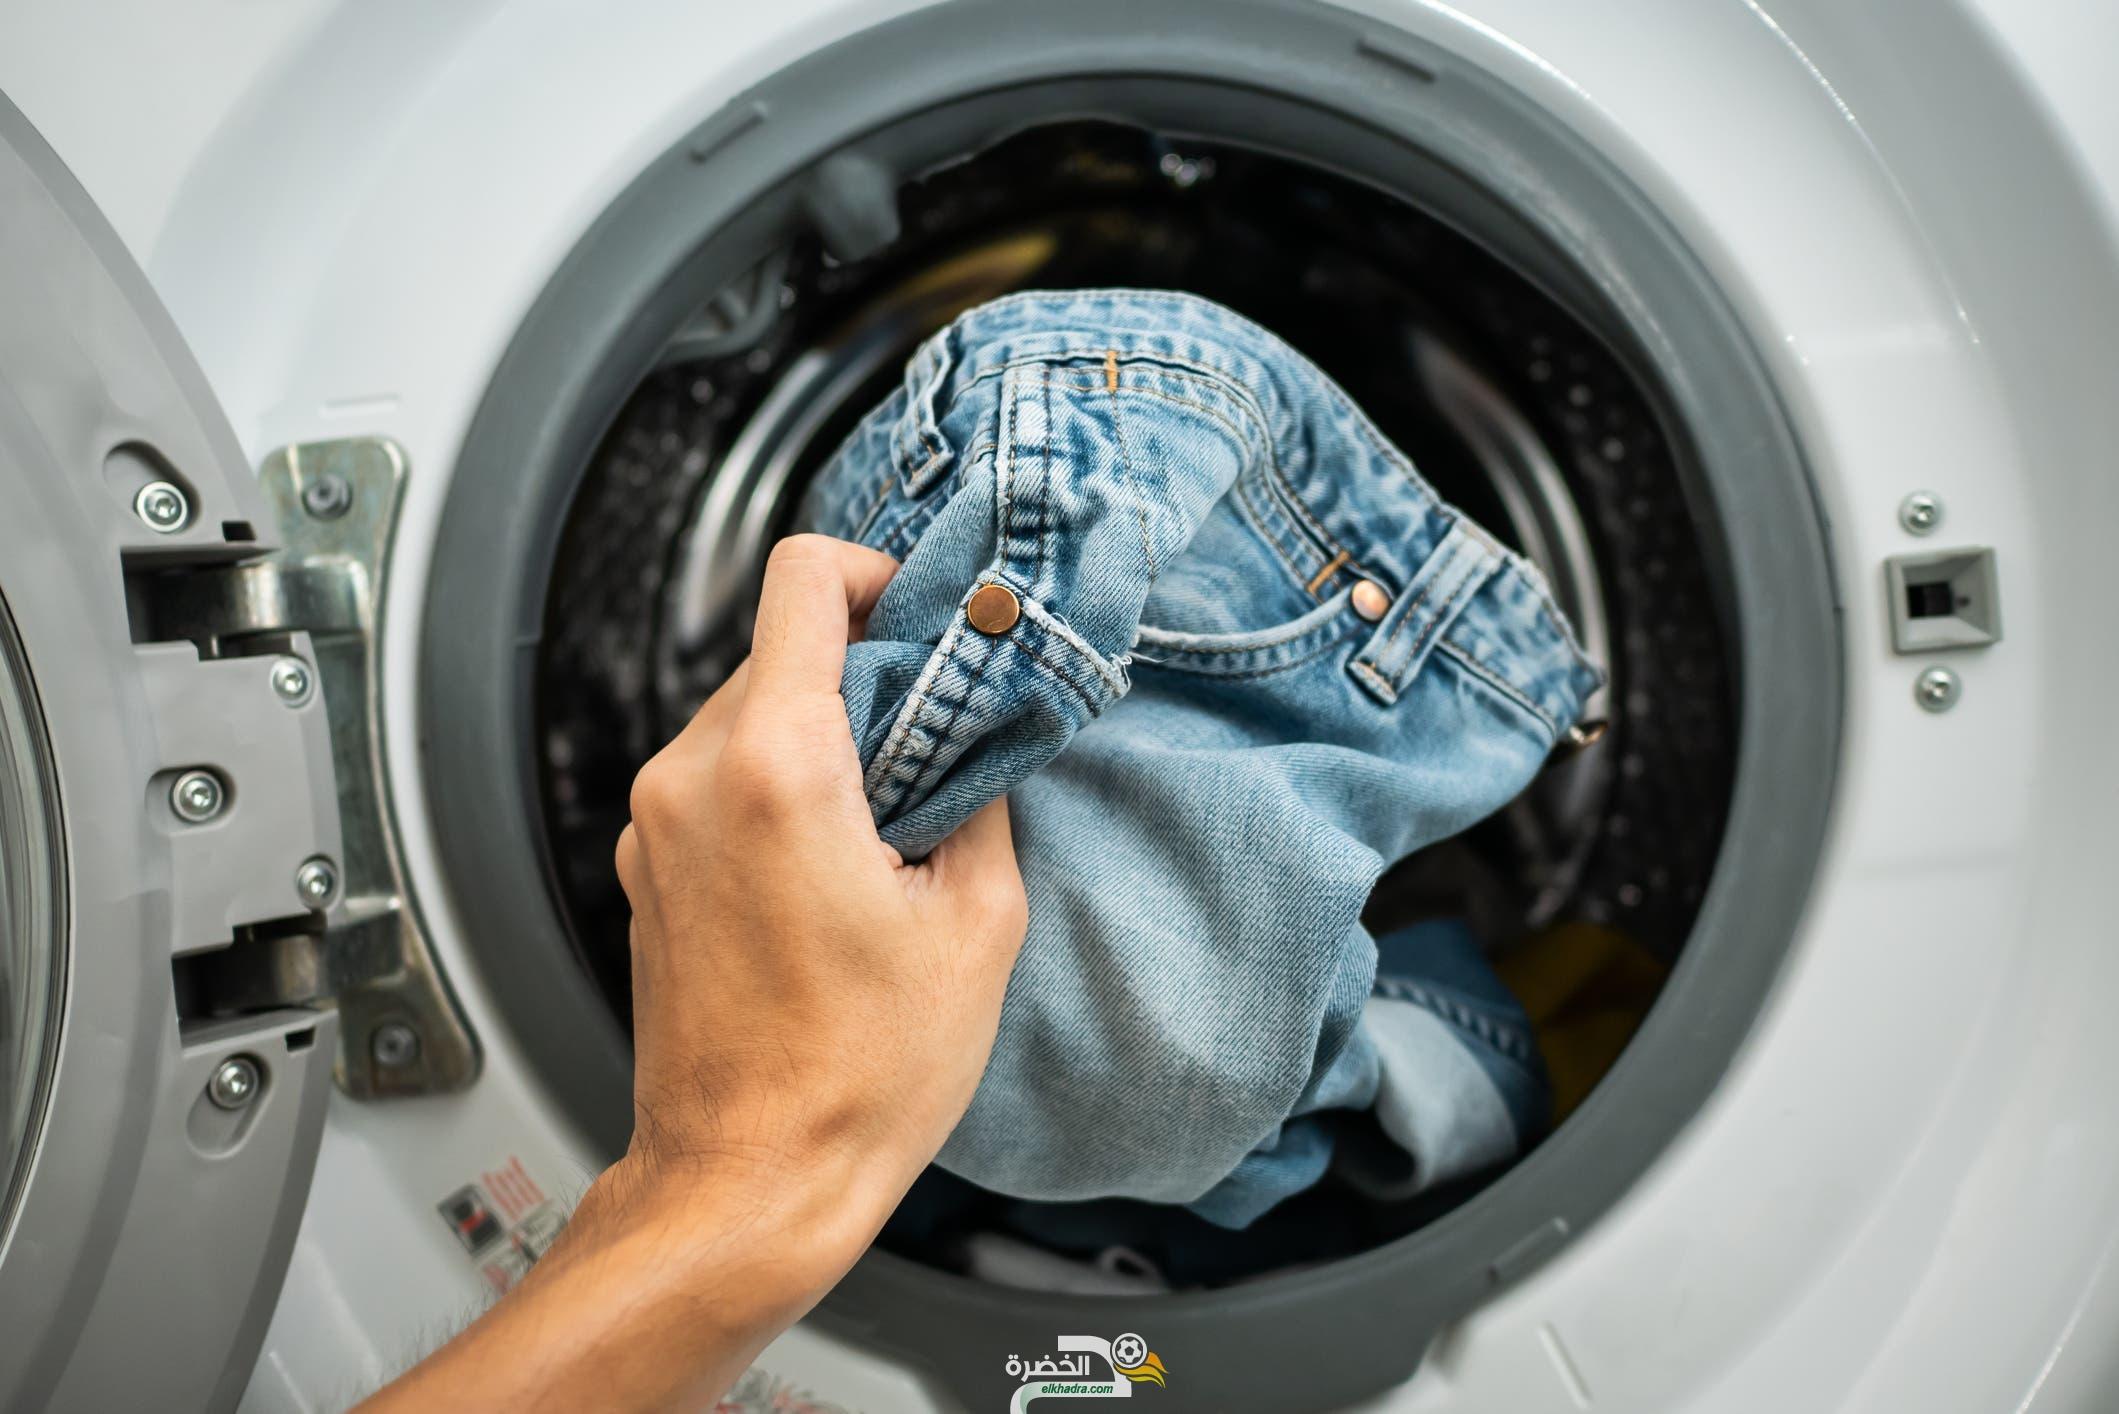 كورونا.. هل تنقل الملابس العدوى وعن كيفية تنظيفها بطريقة آمنة 24